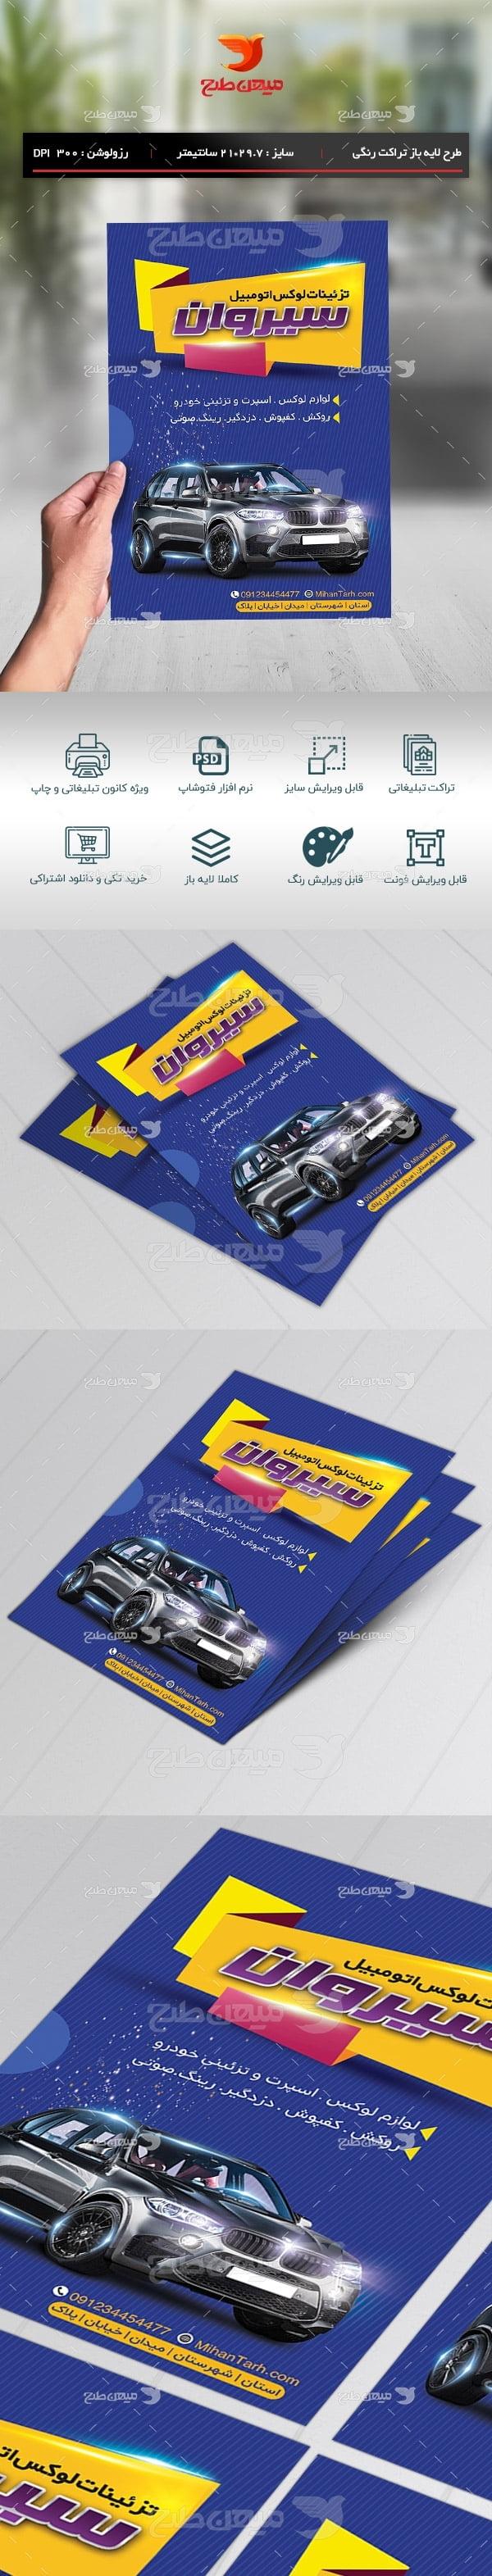 طرح لایه باز تراکت رنگی تزئینات لوکس اتومبیل